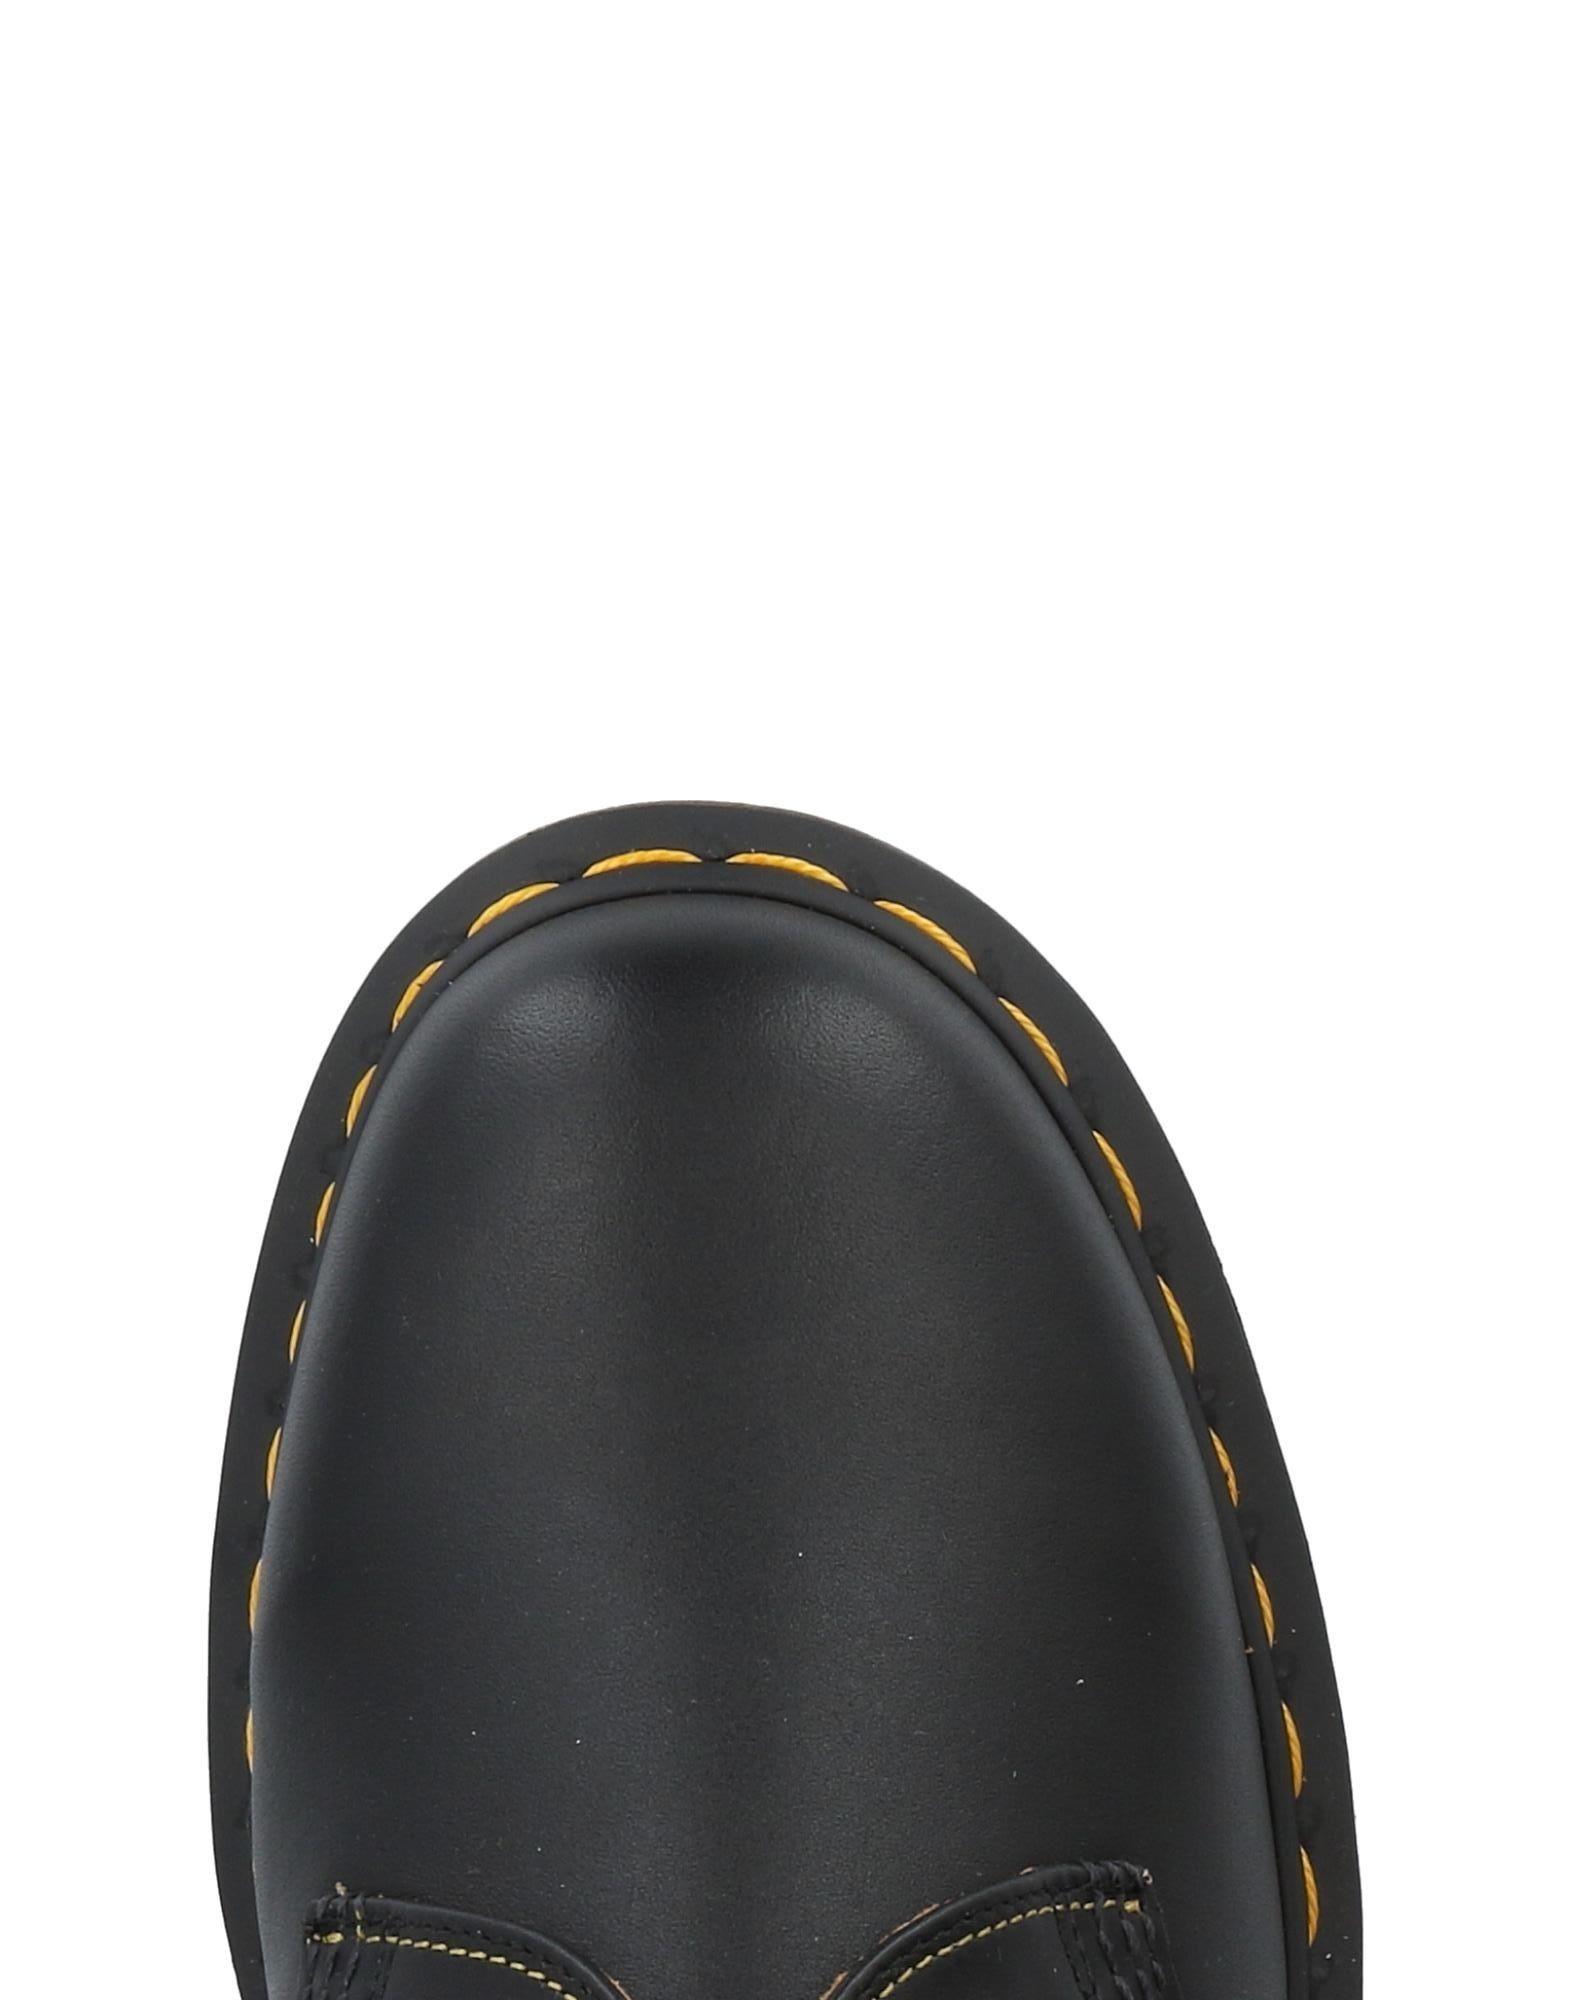 Chaussures À Lacets Dr. Martens By Yohji Yamamoto Homme - Chaussures À Lacets Dr. Martens By Yohji Yamamoto sur